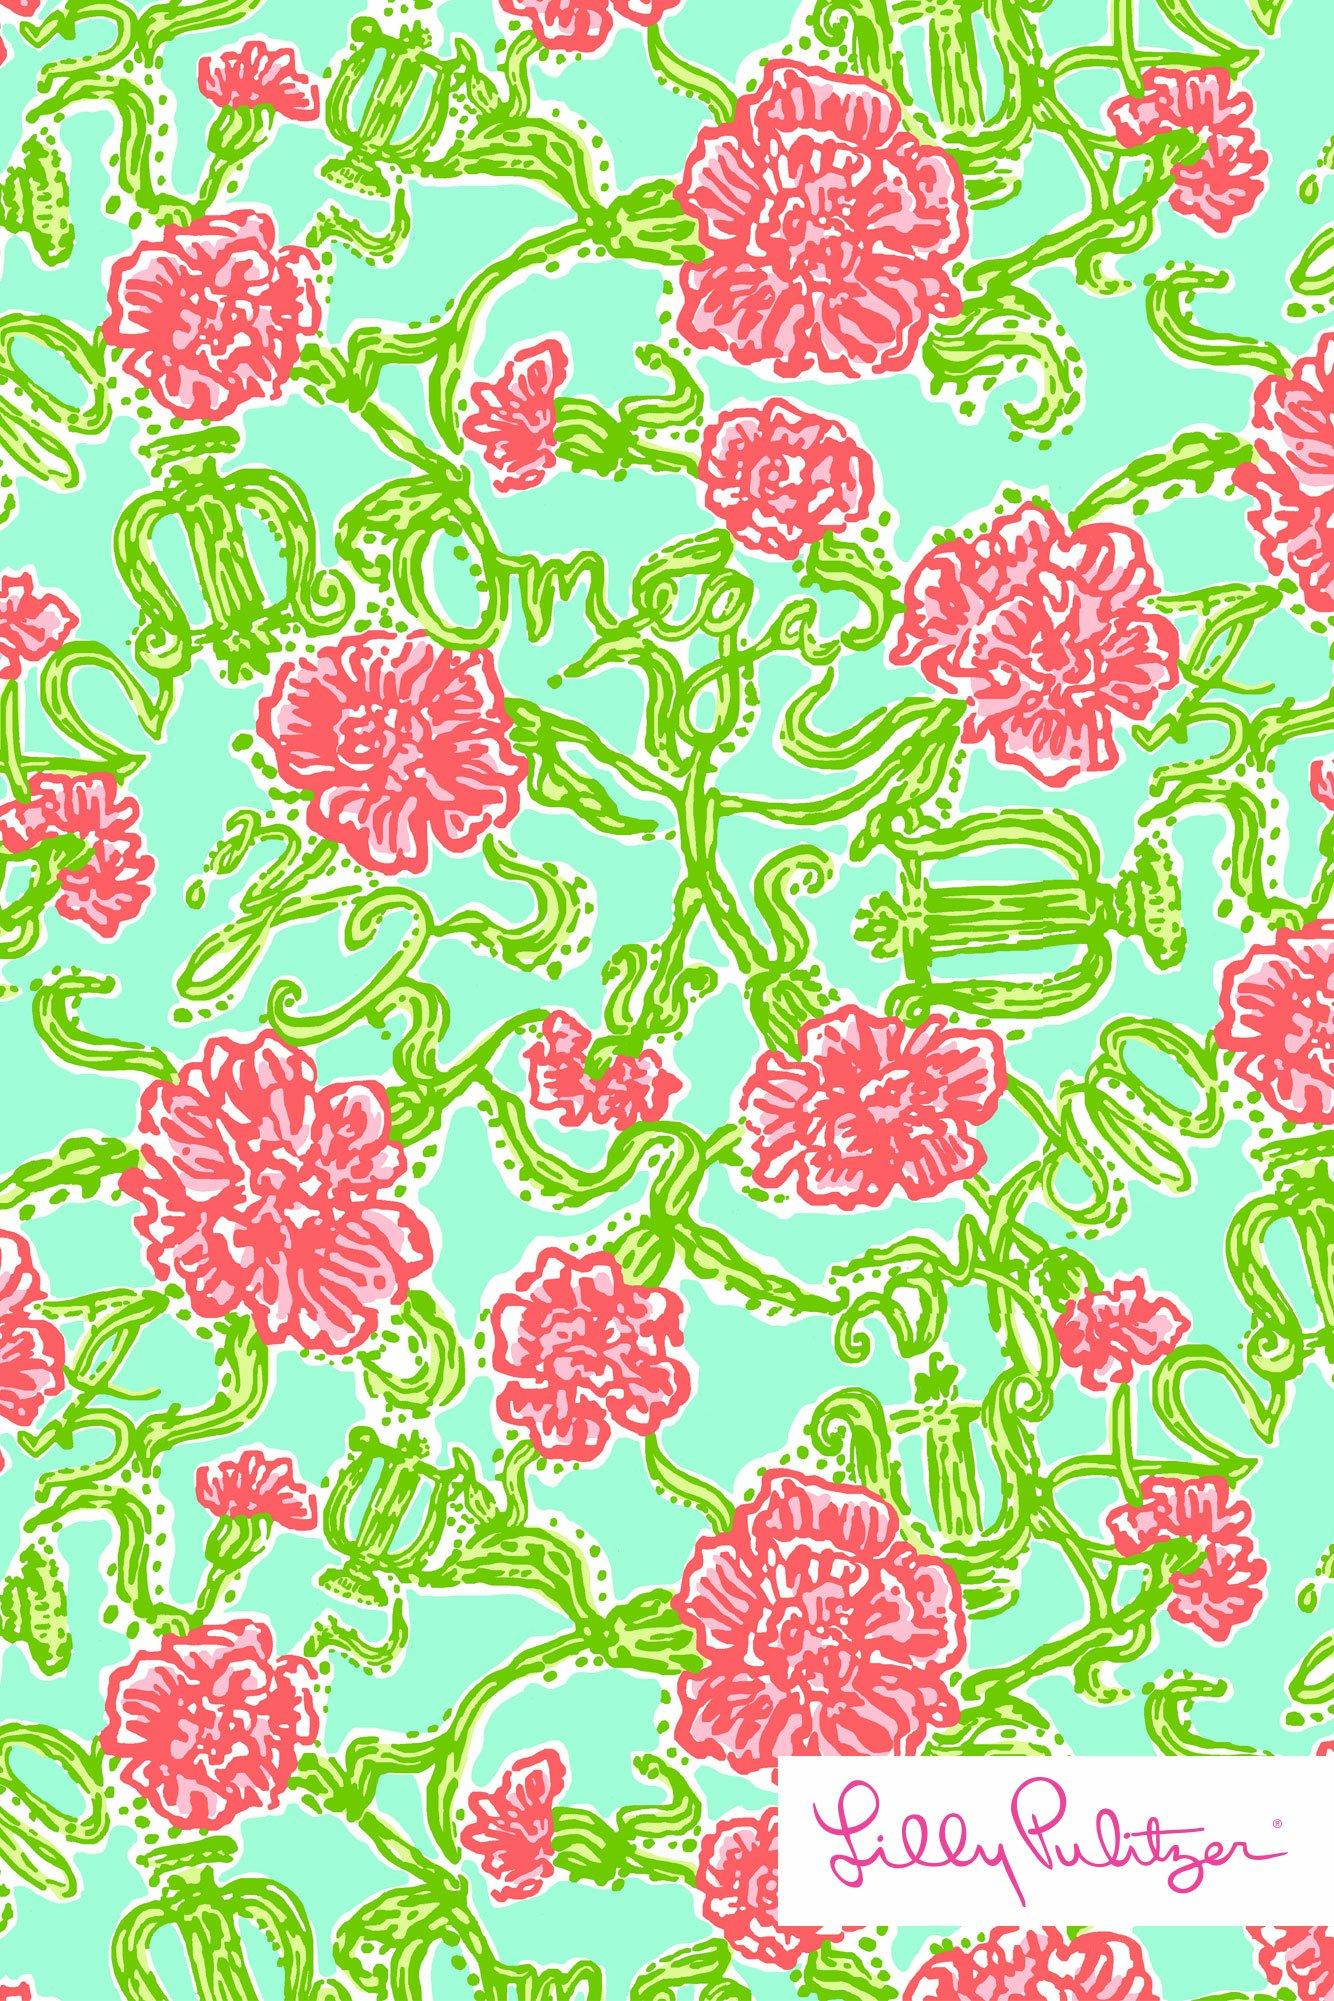 Lilly Pulitzer wallpaper AXO Alpha Chi Omega AdorePics 1334x2001